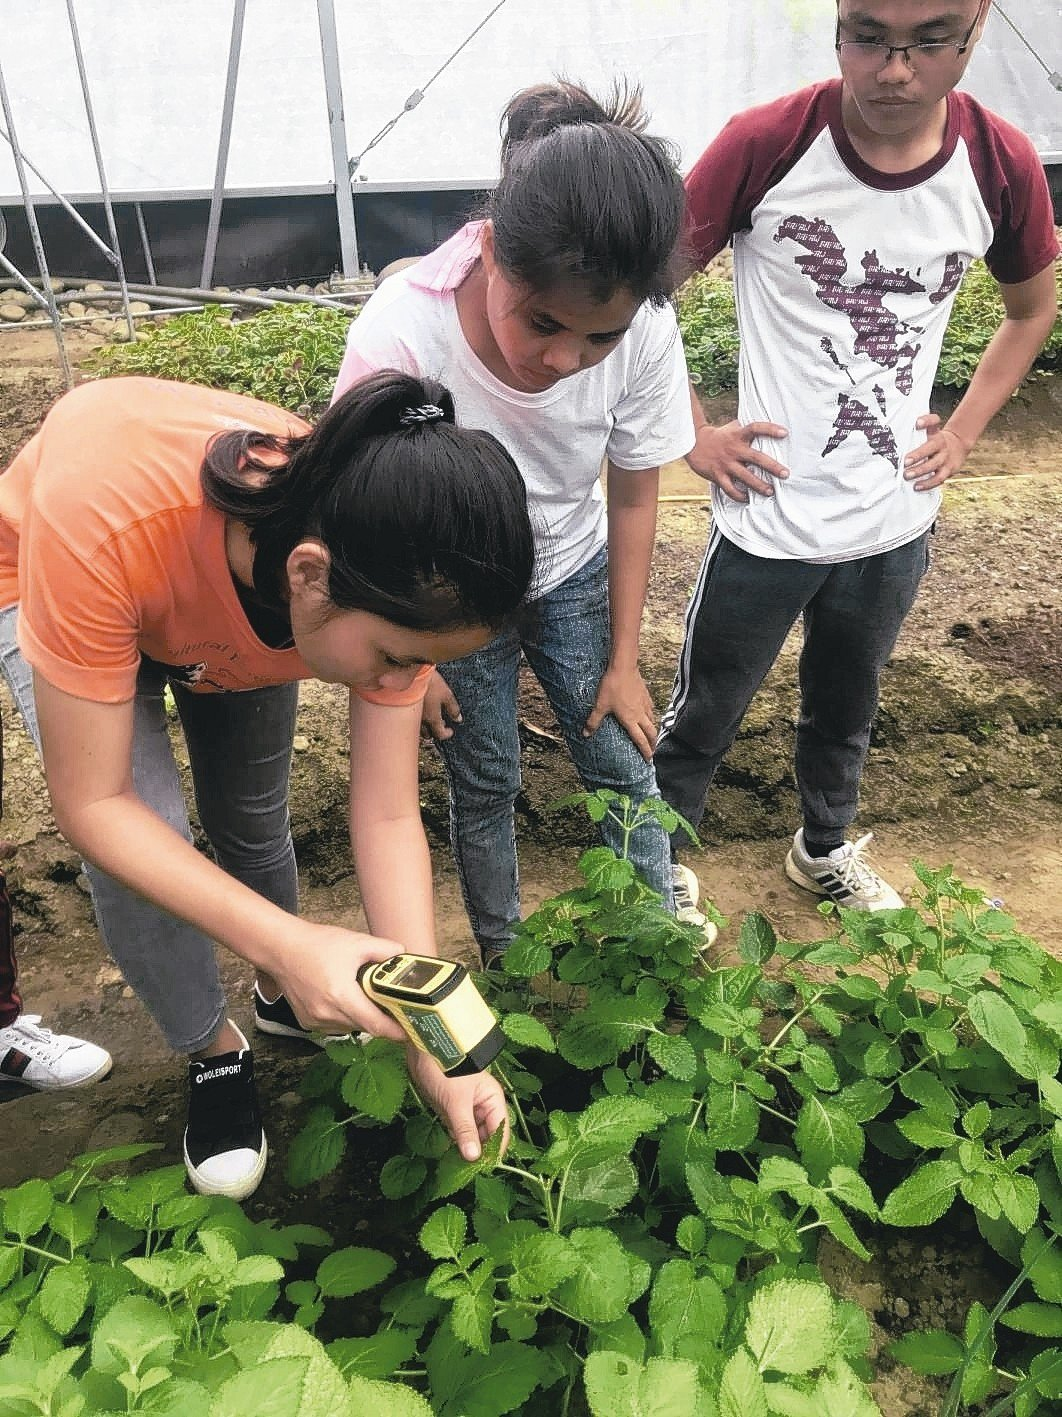 高雄市農業局說,未來希望以新南向為目標,把示範溫室整廠輸出,今年已培訓菲律賓4位...